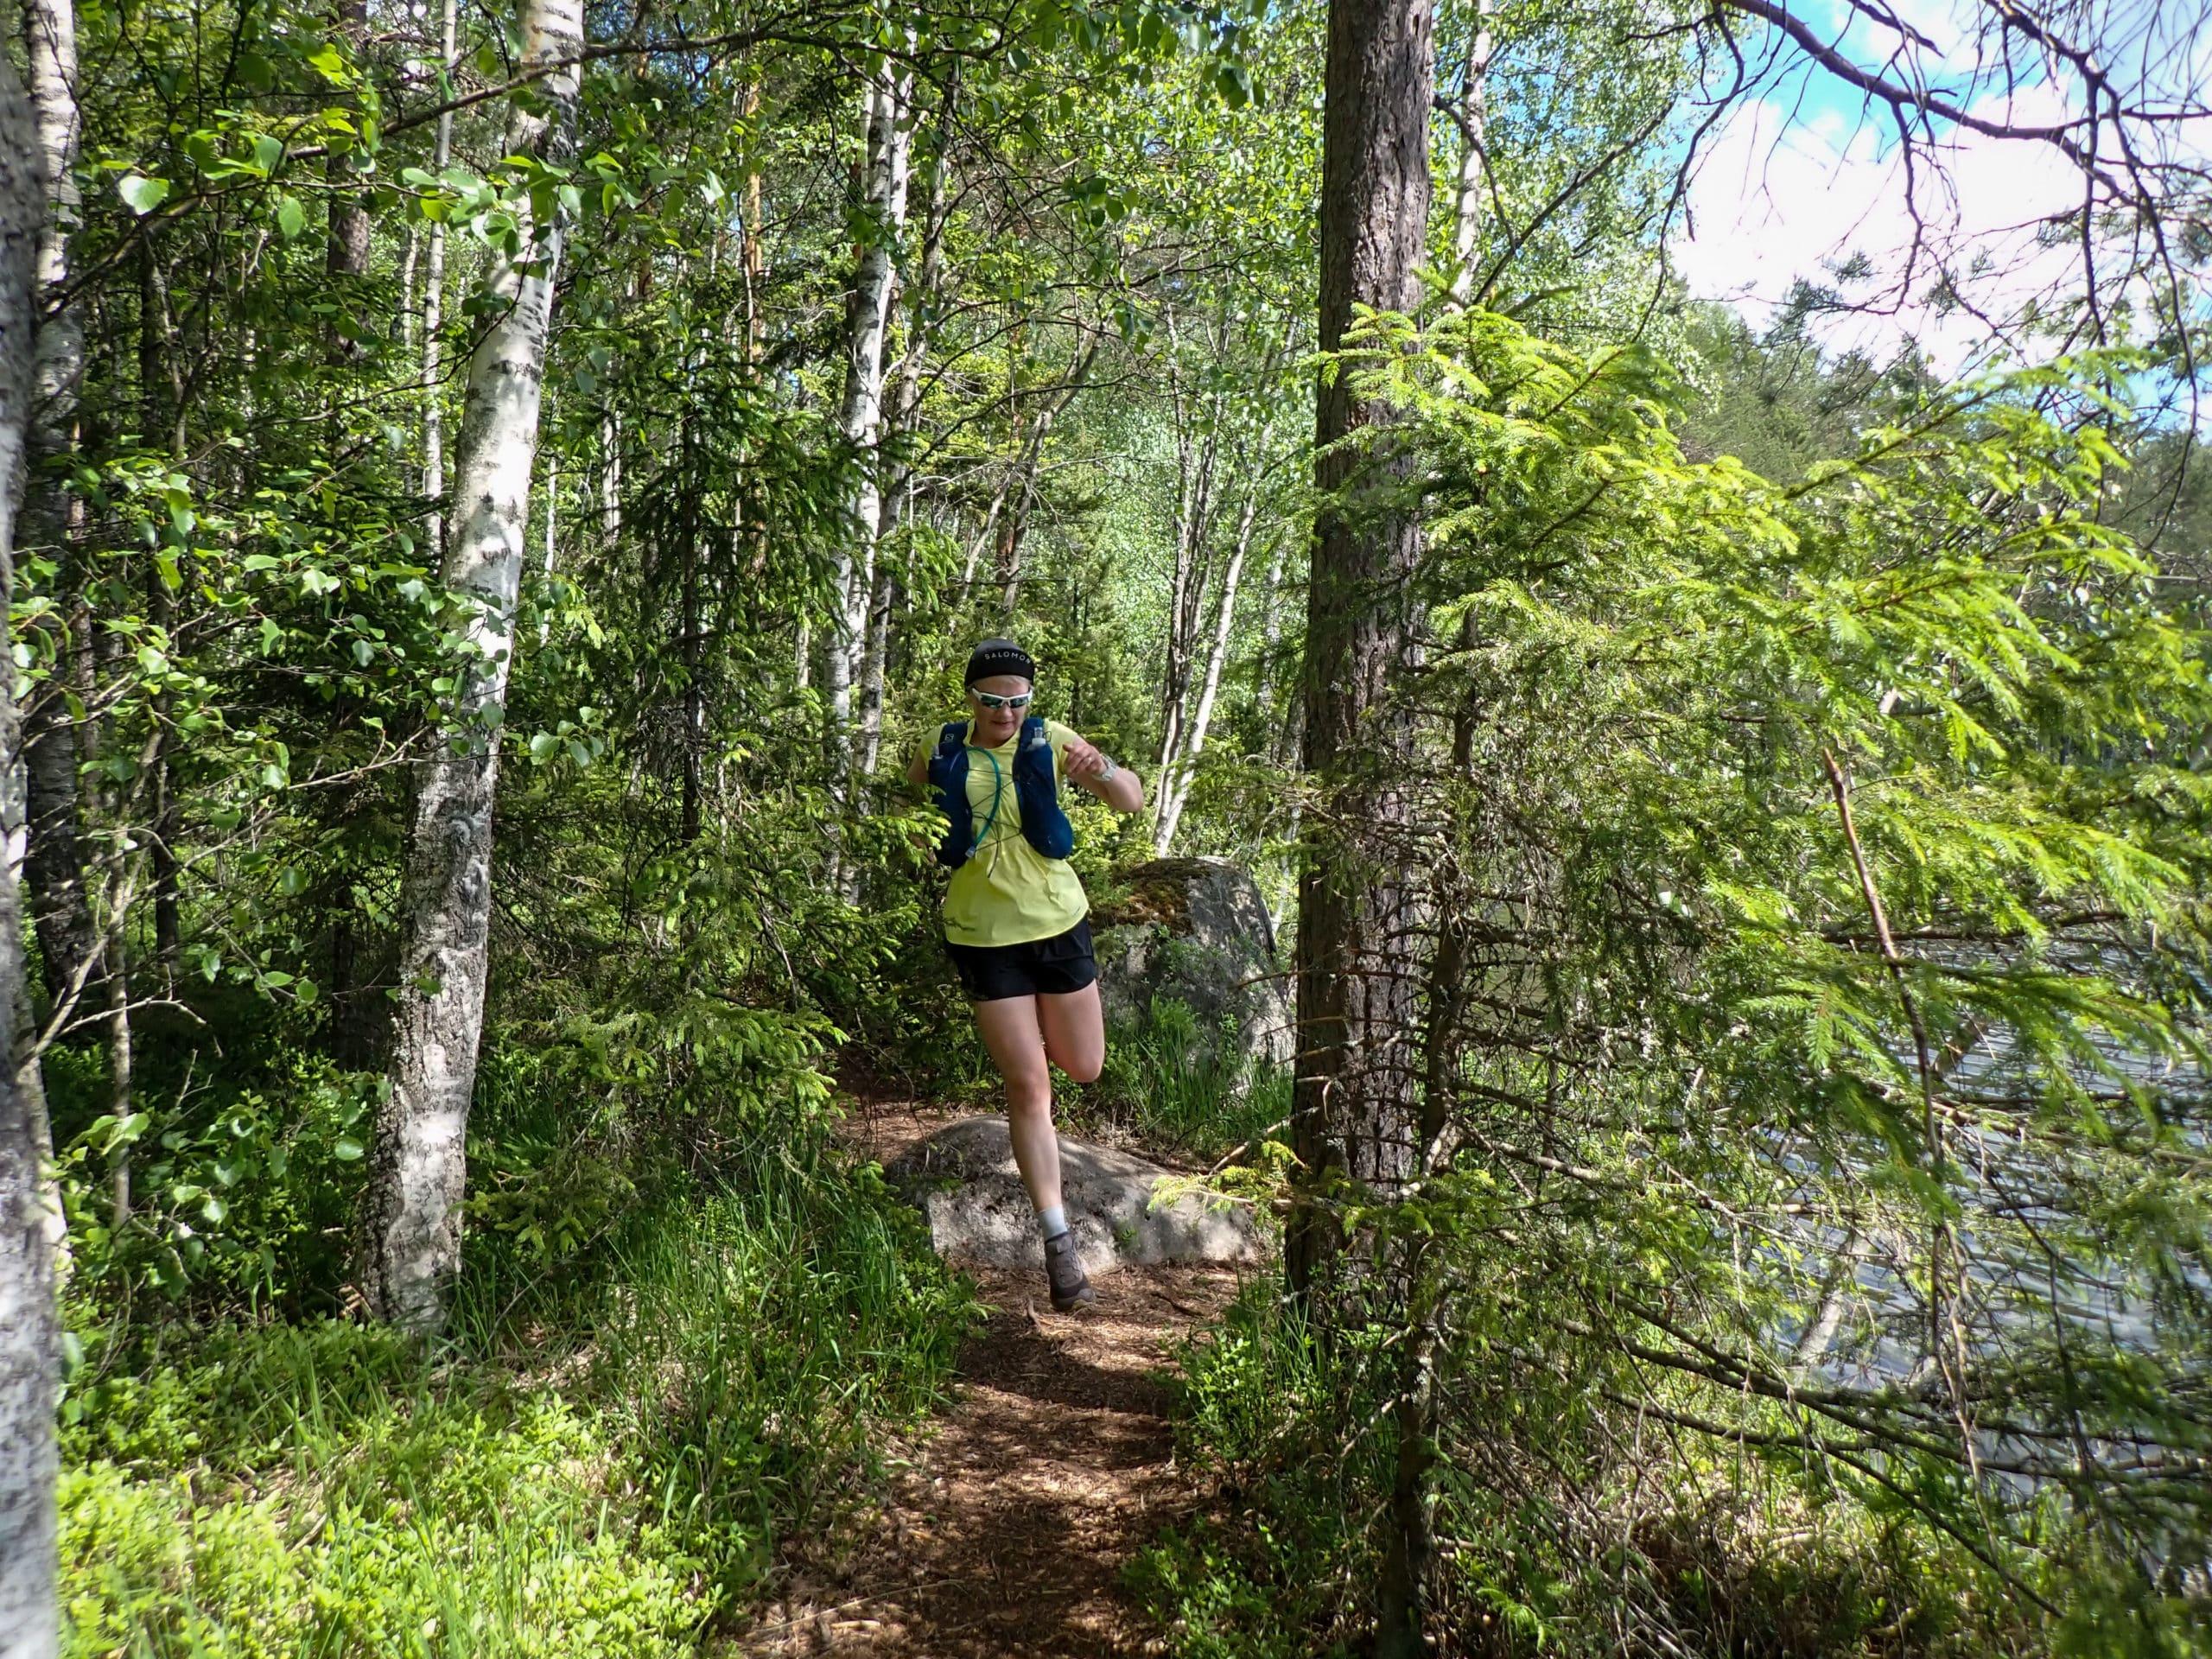 Polkujuoksureitit ja polkujuoksuvarusteet juoksublogin aiheena